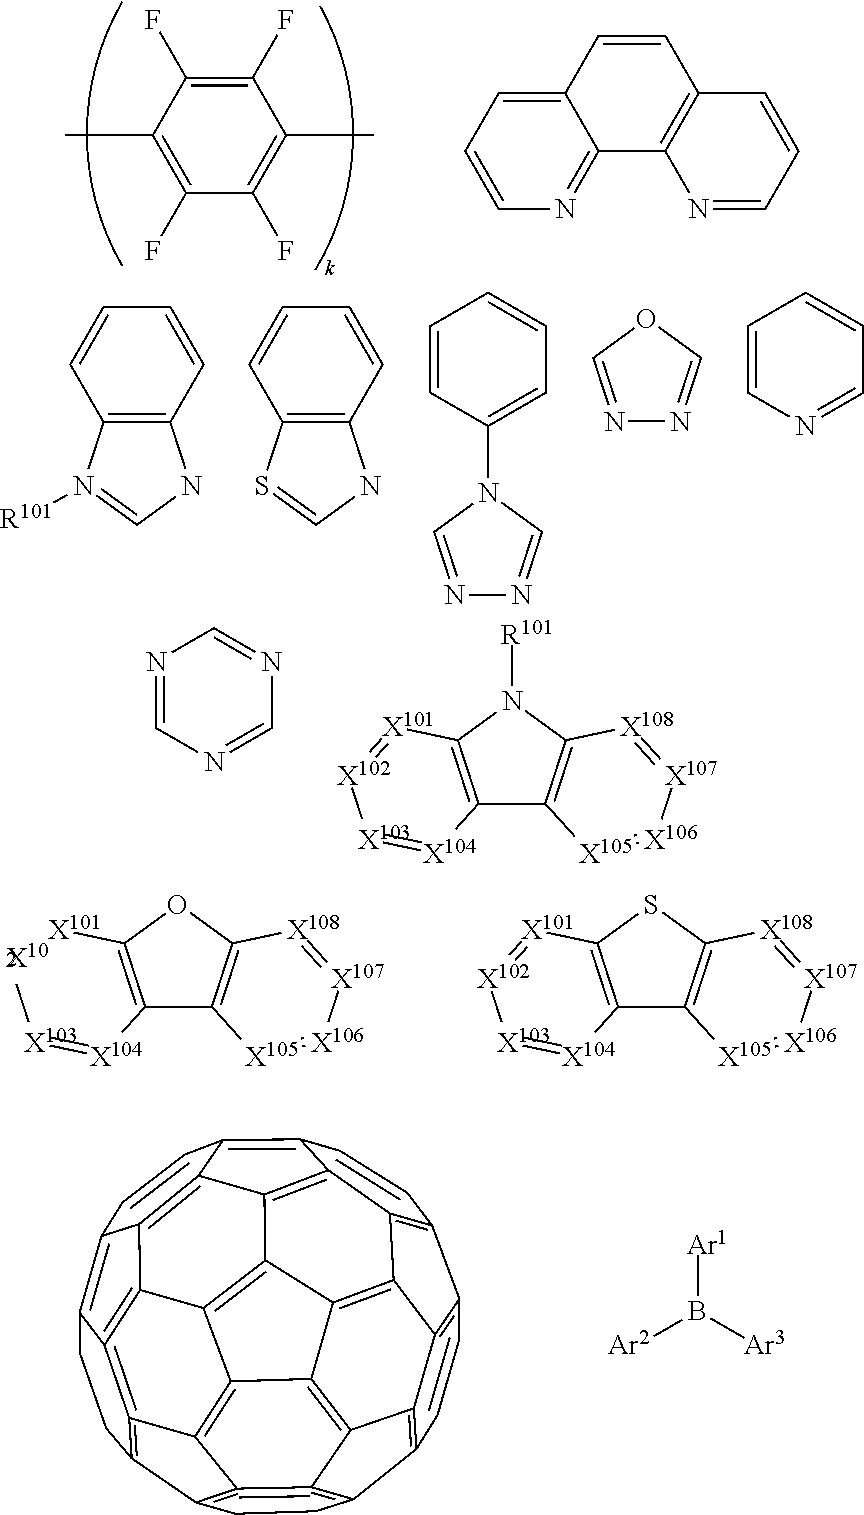 Figure US20180130962A1-20180510-C00197